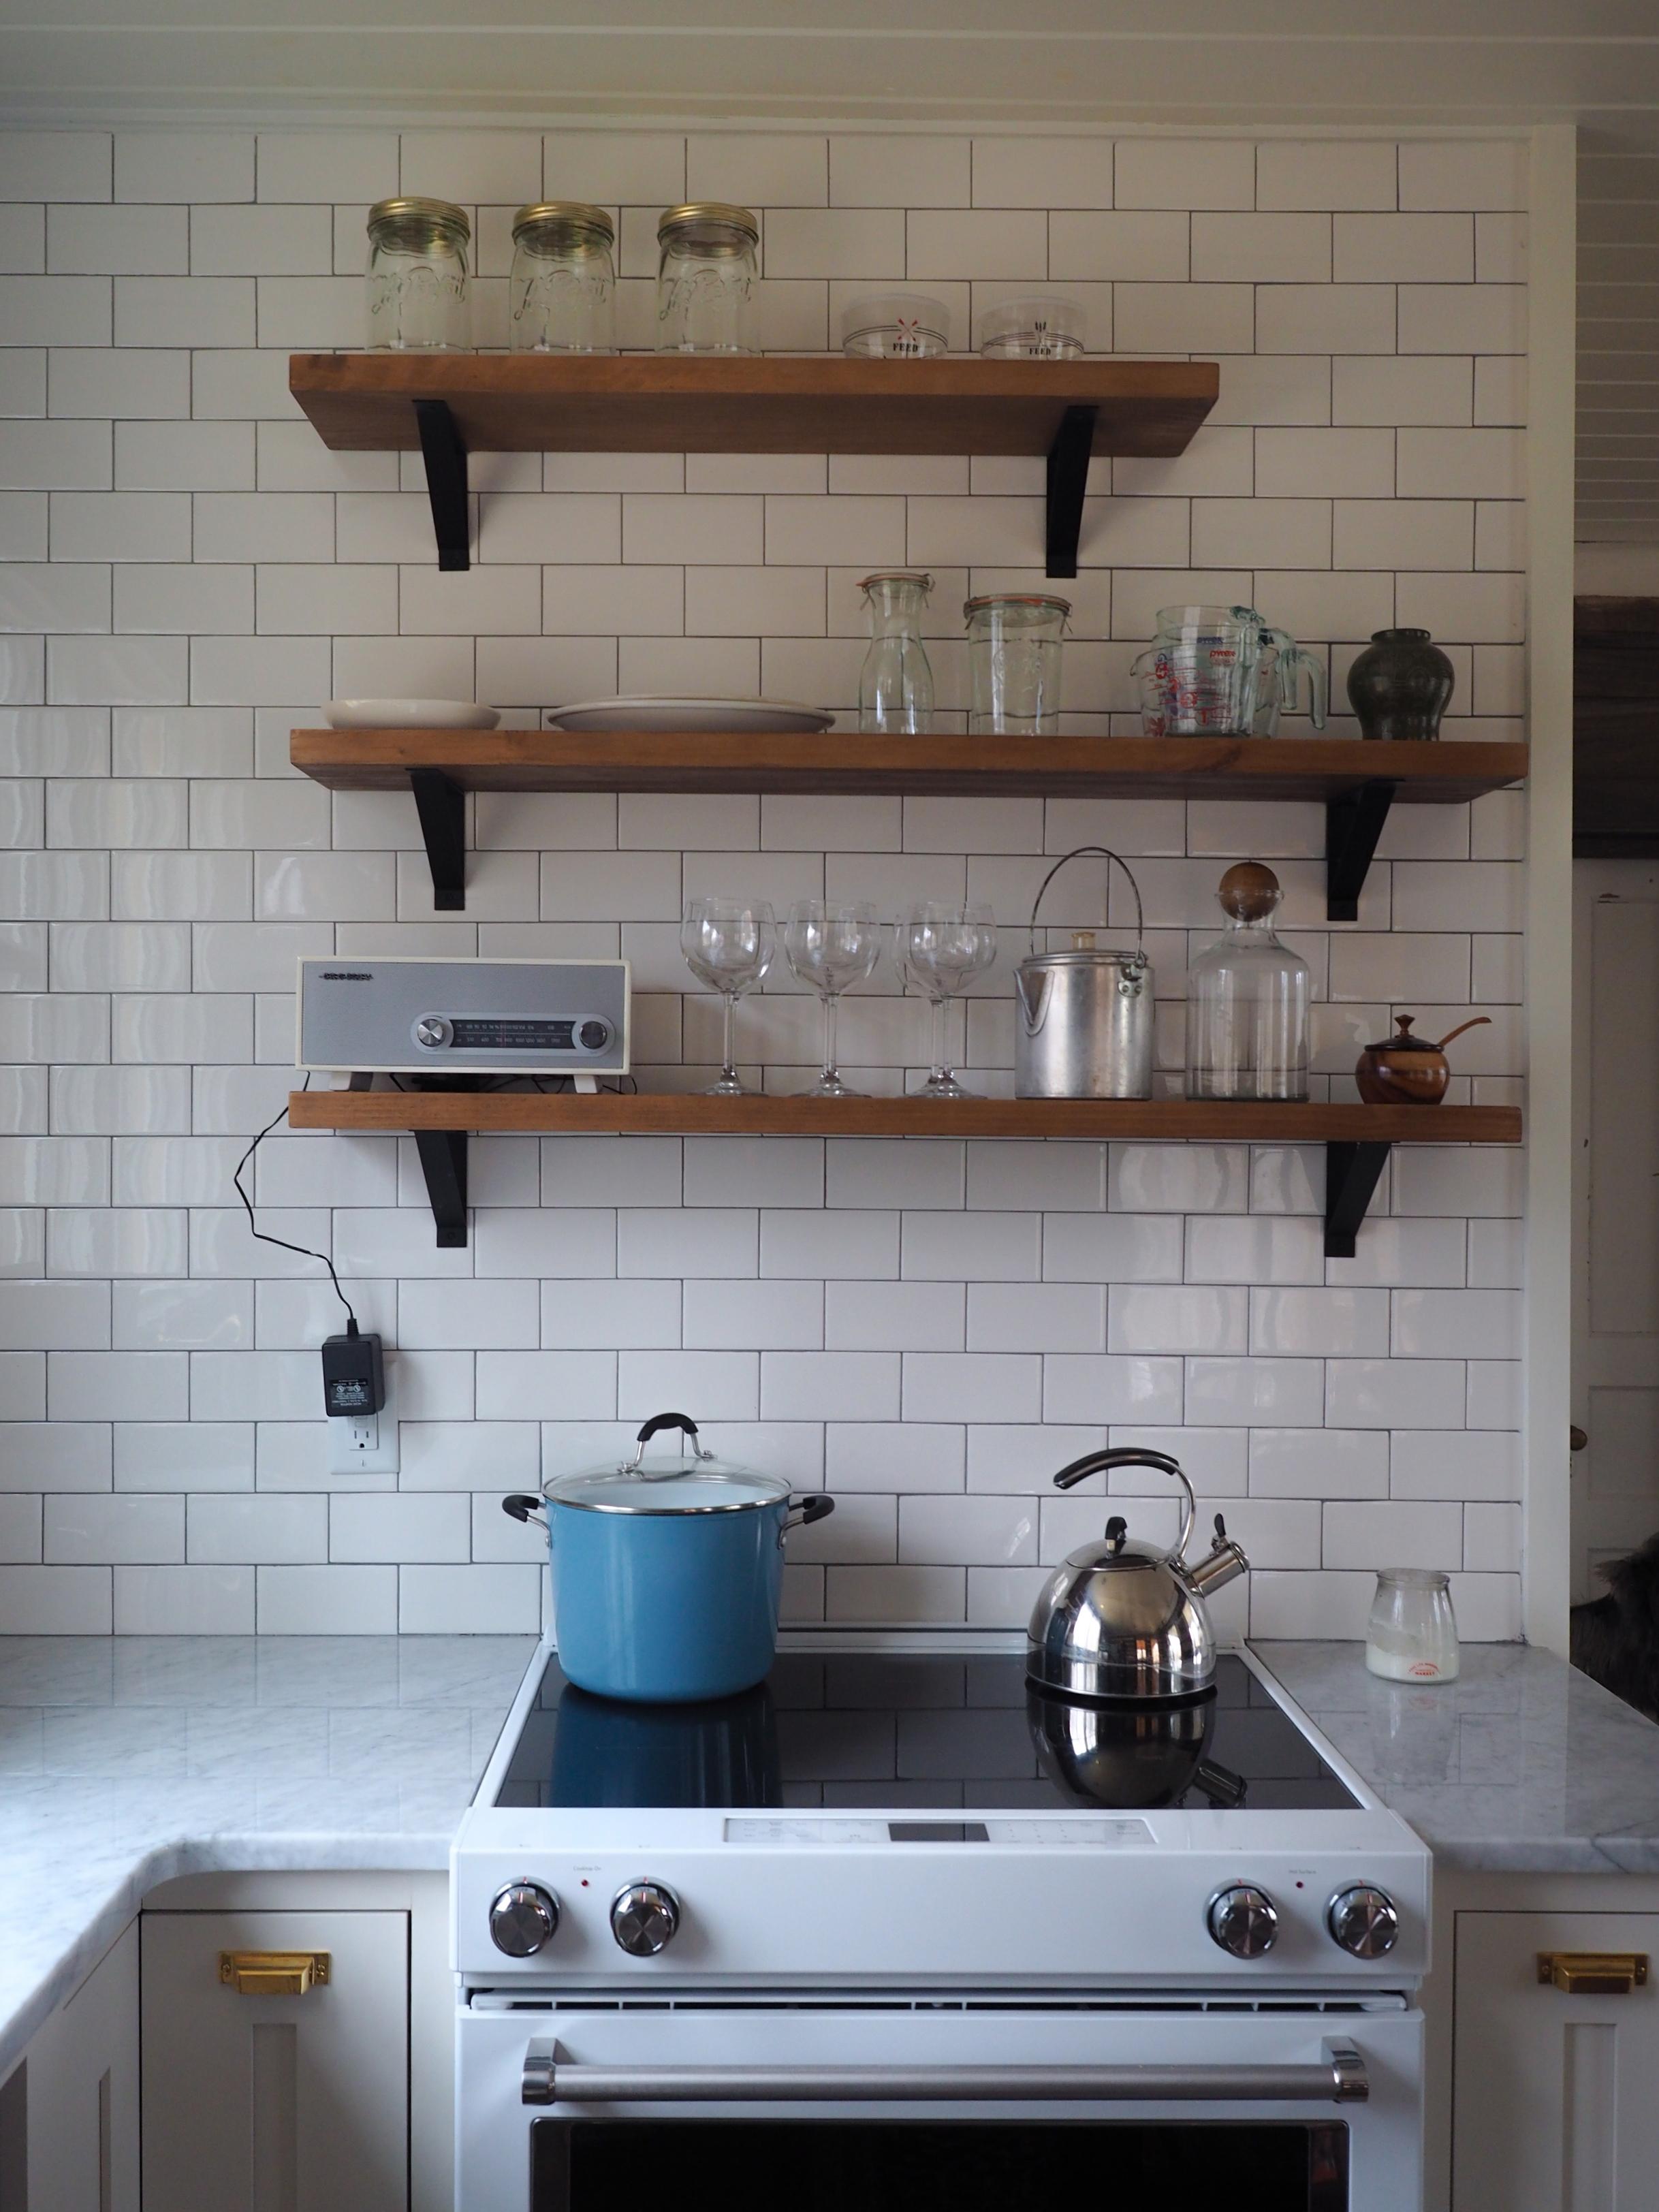 Reardenstein Kitchen (15 of 15).jpg